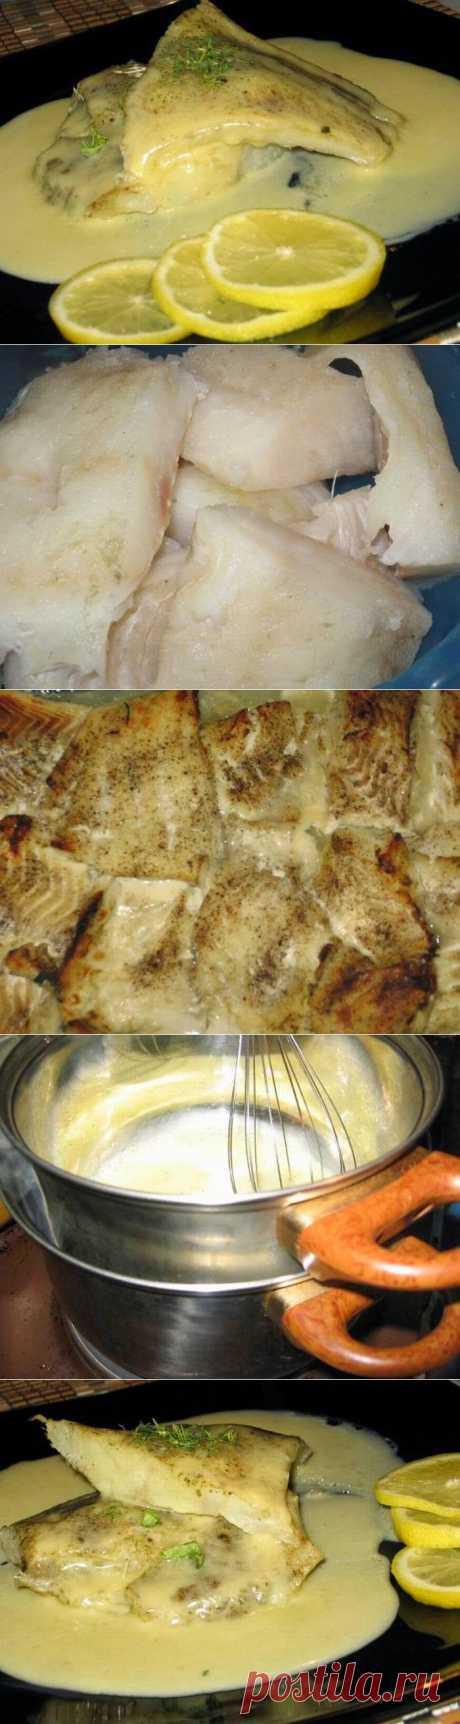 Голландский соус к рыбе. Приготовление..